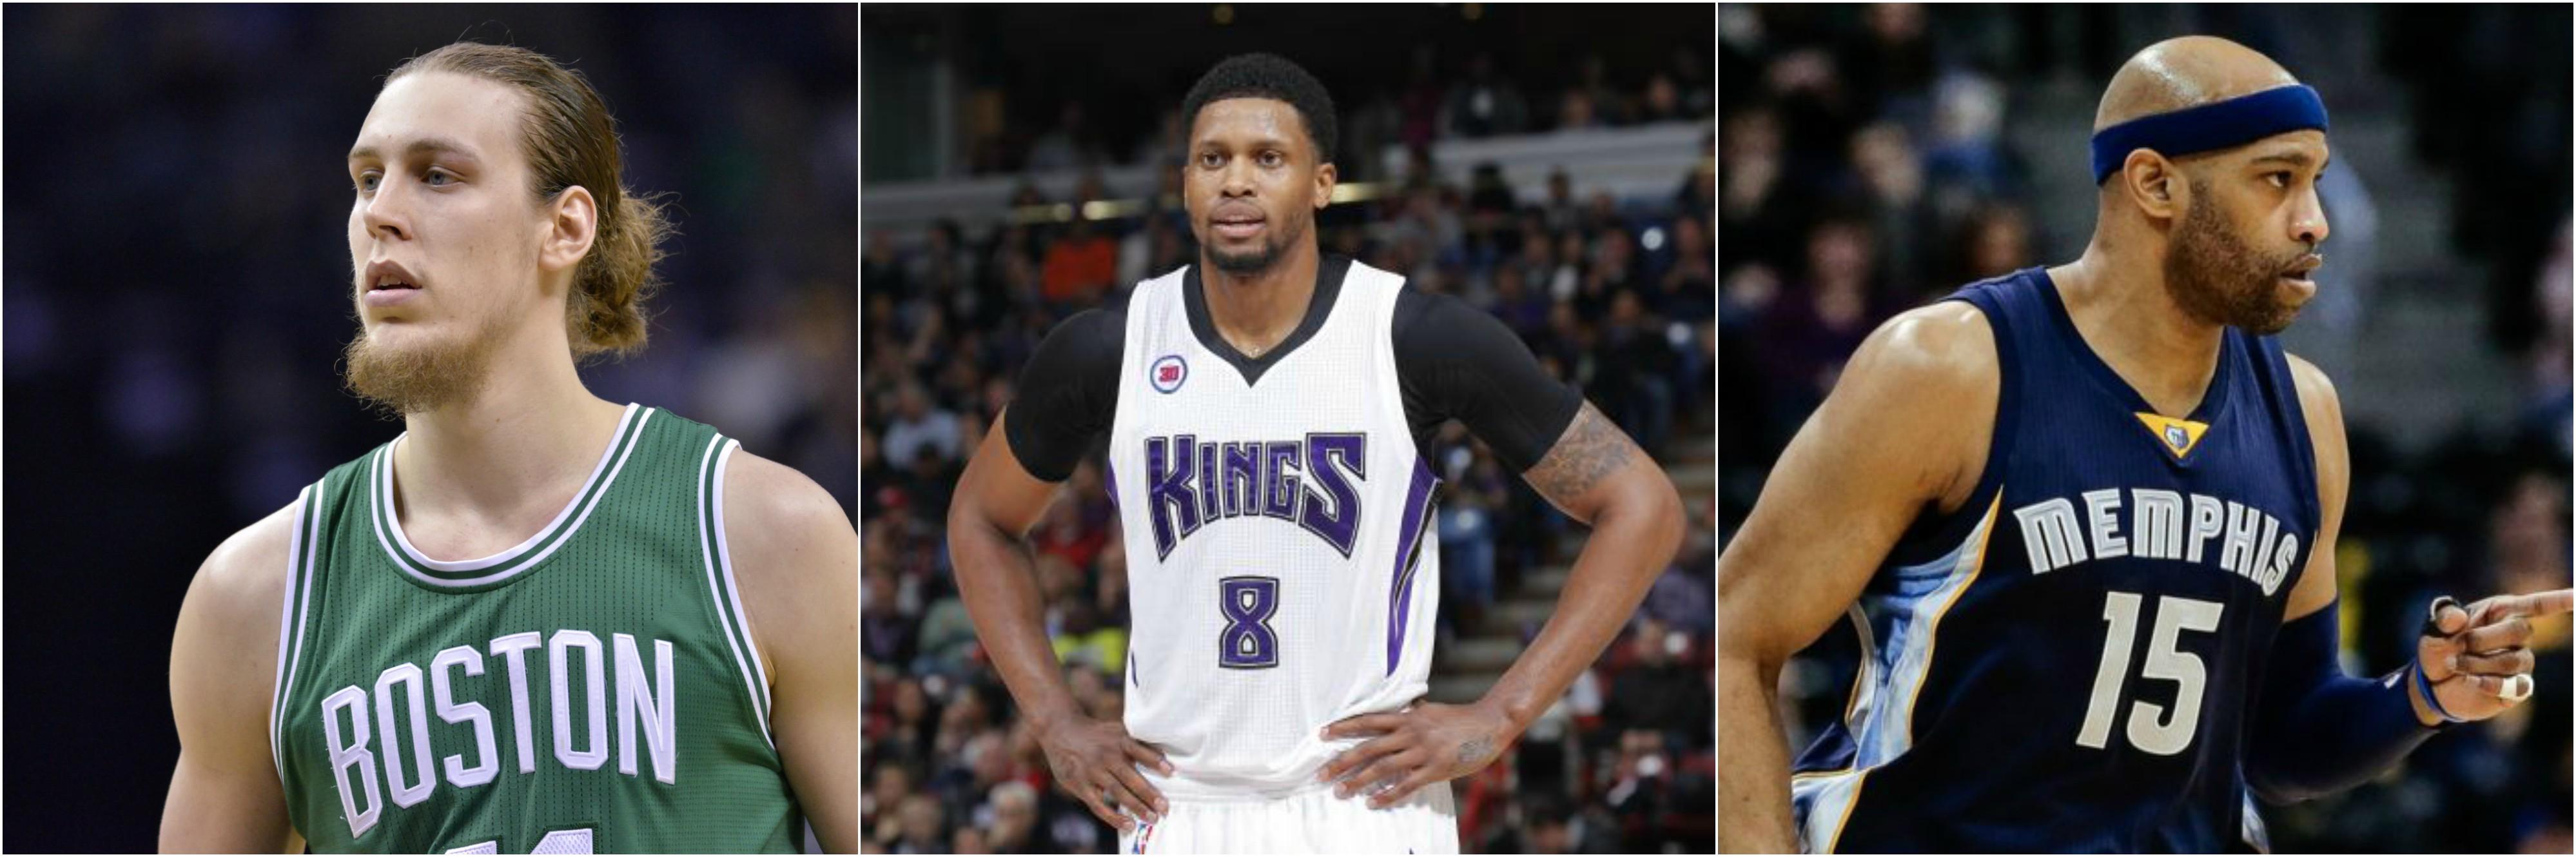 Basket NBA: Olynyk, Gay e Carter cambiano franchigia.